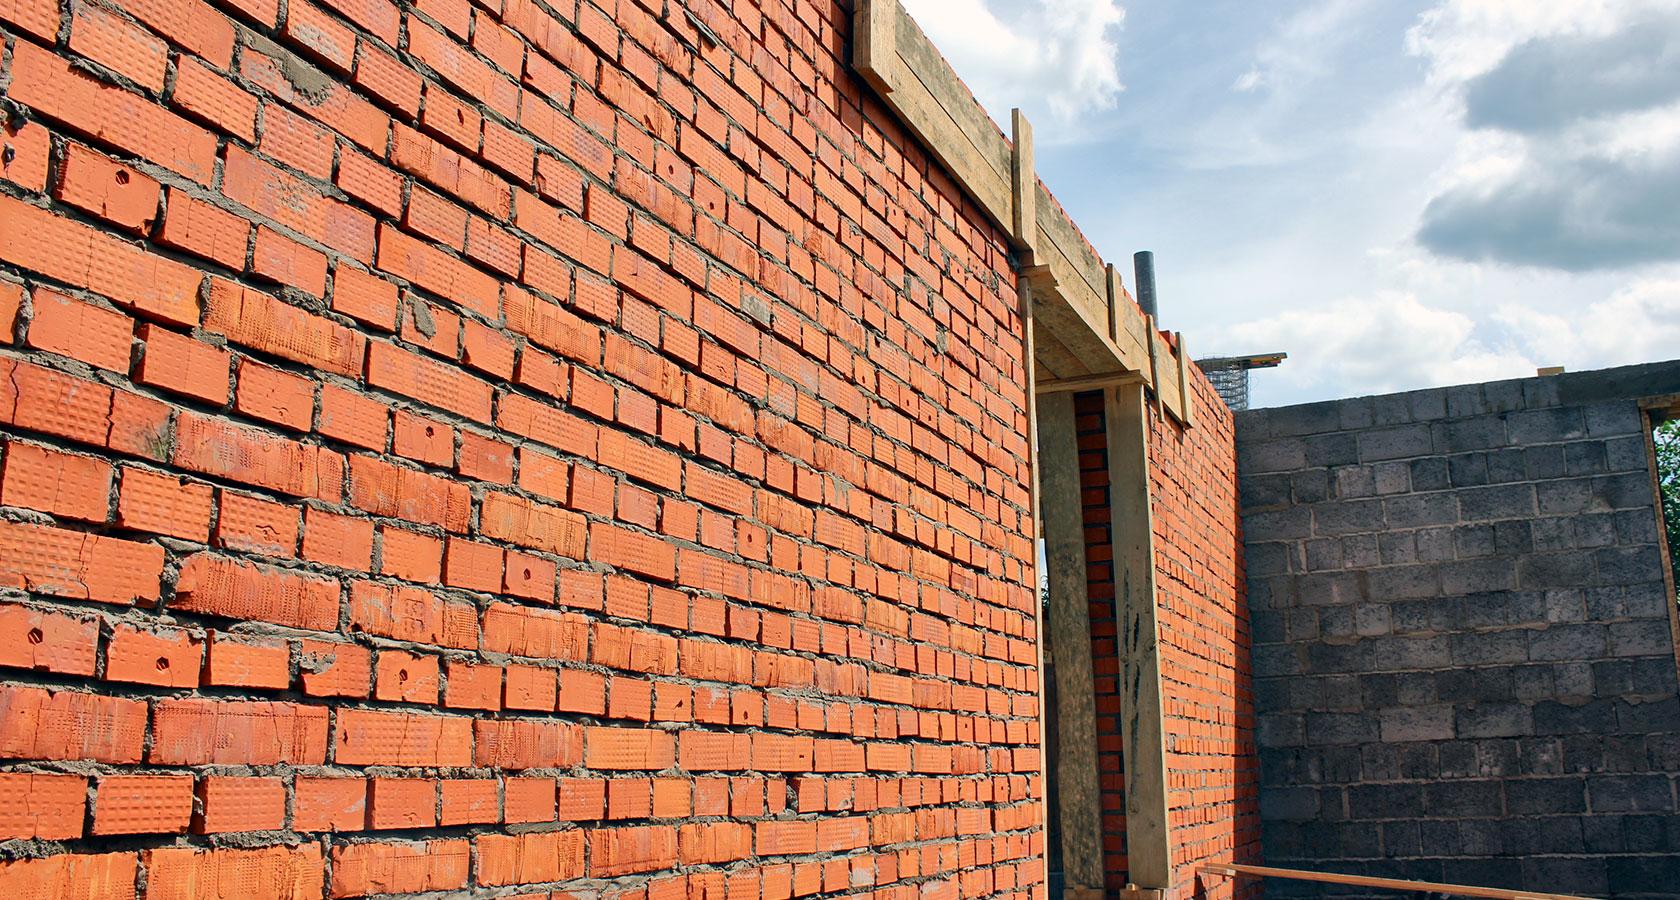 стена дома из кирпича картинки море штормит, выход